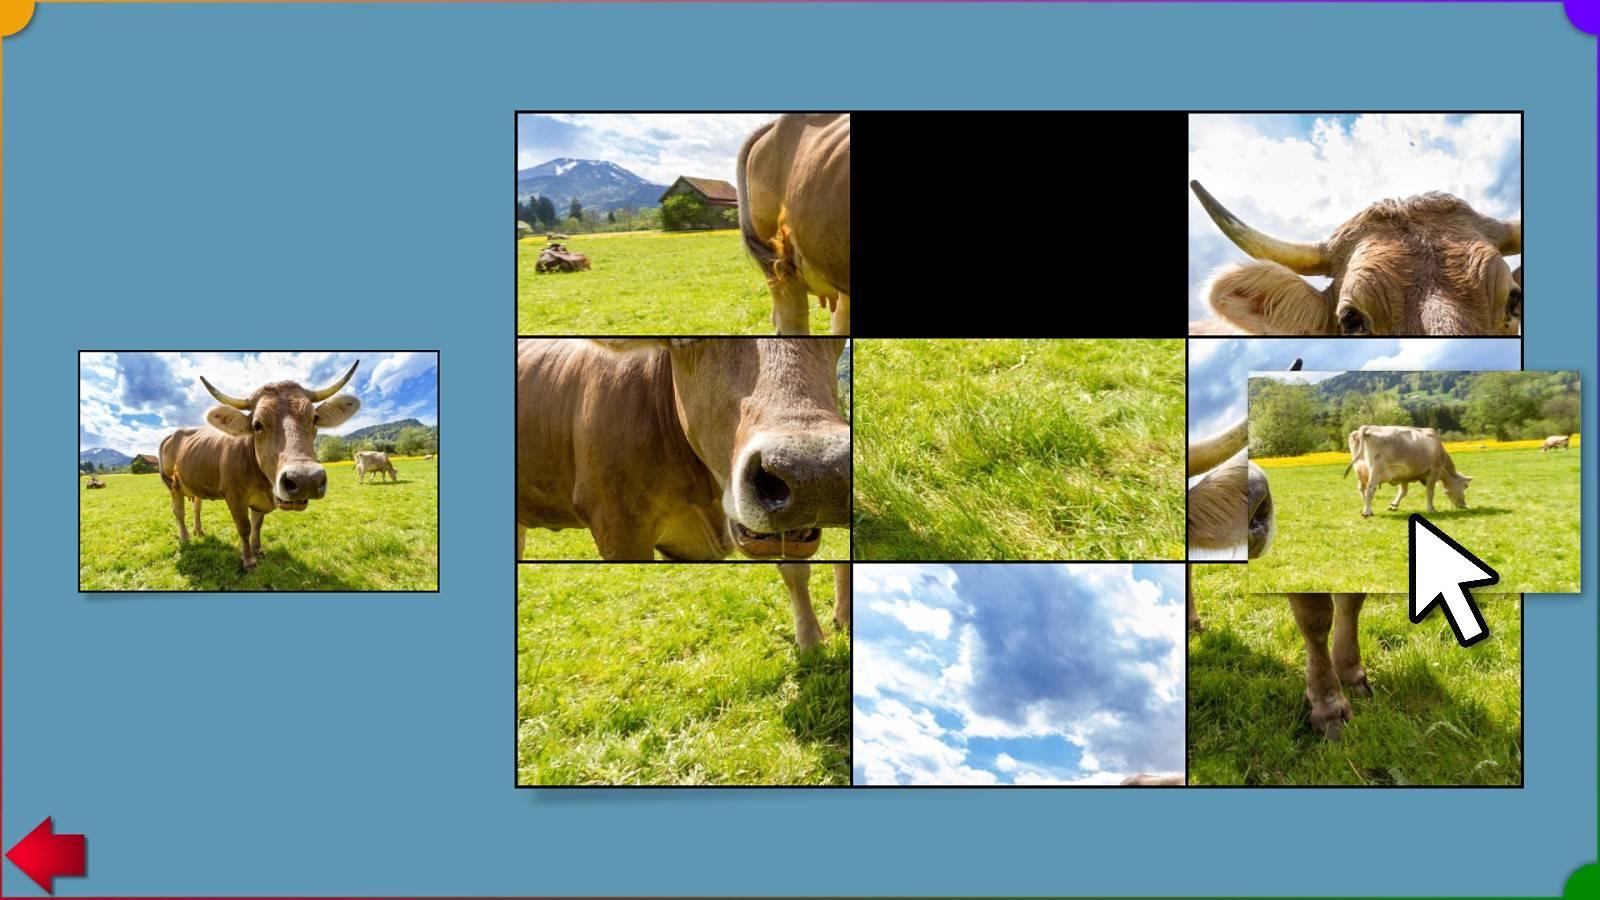 Ein Puzzlebeispiel (einstellbar von 2x2 bis 5x5 Teilen)